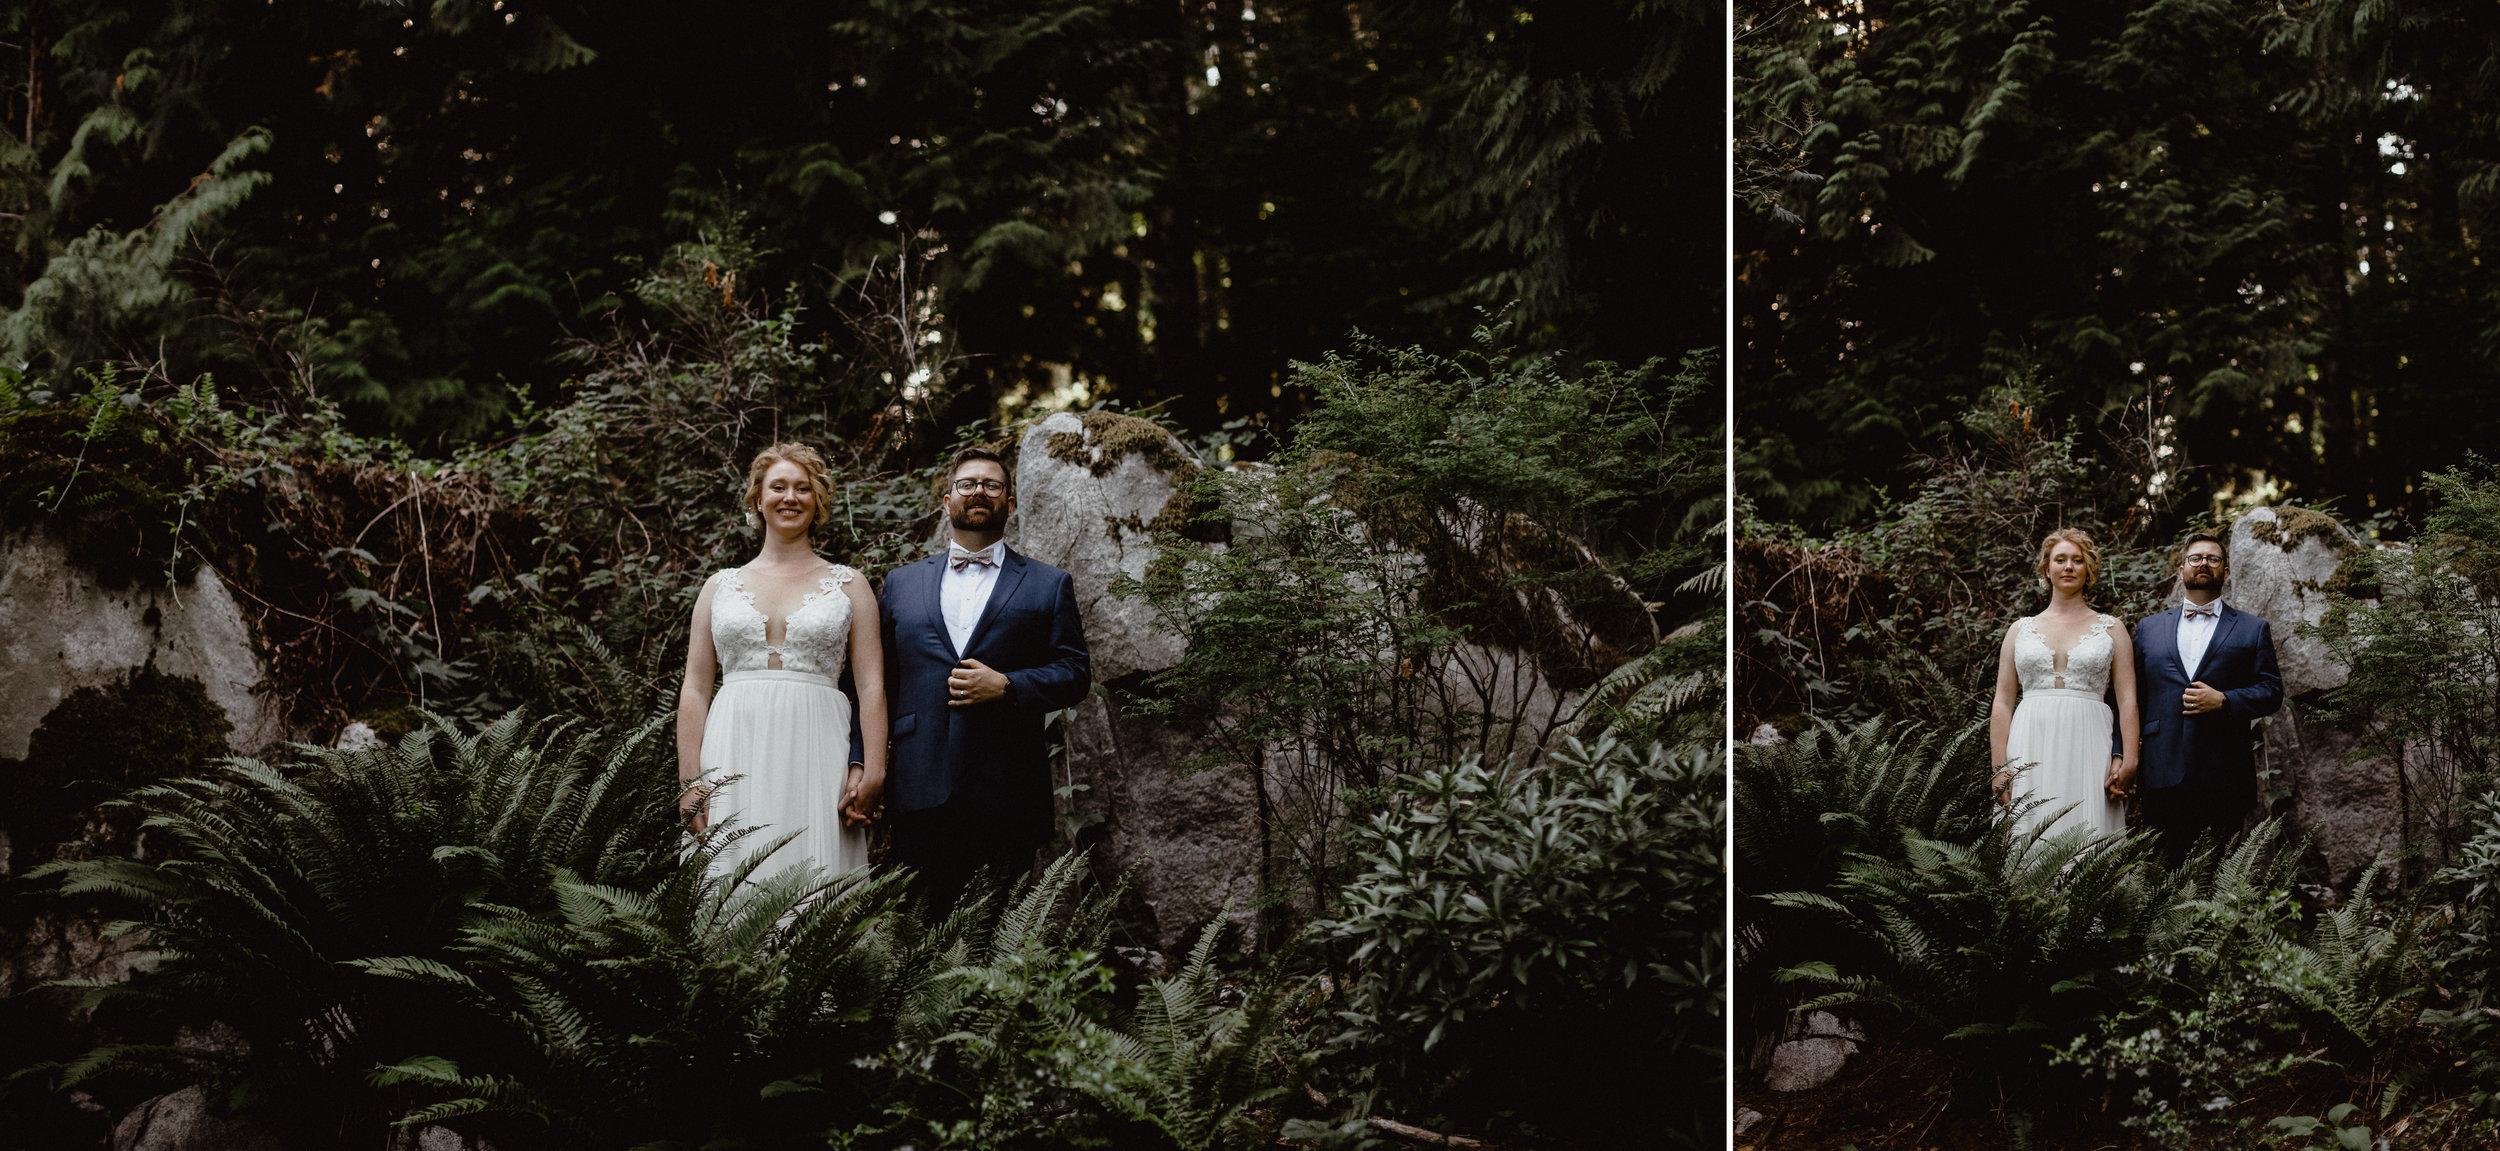 west-vancouver-backyard-wedding-201.jpg